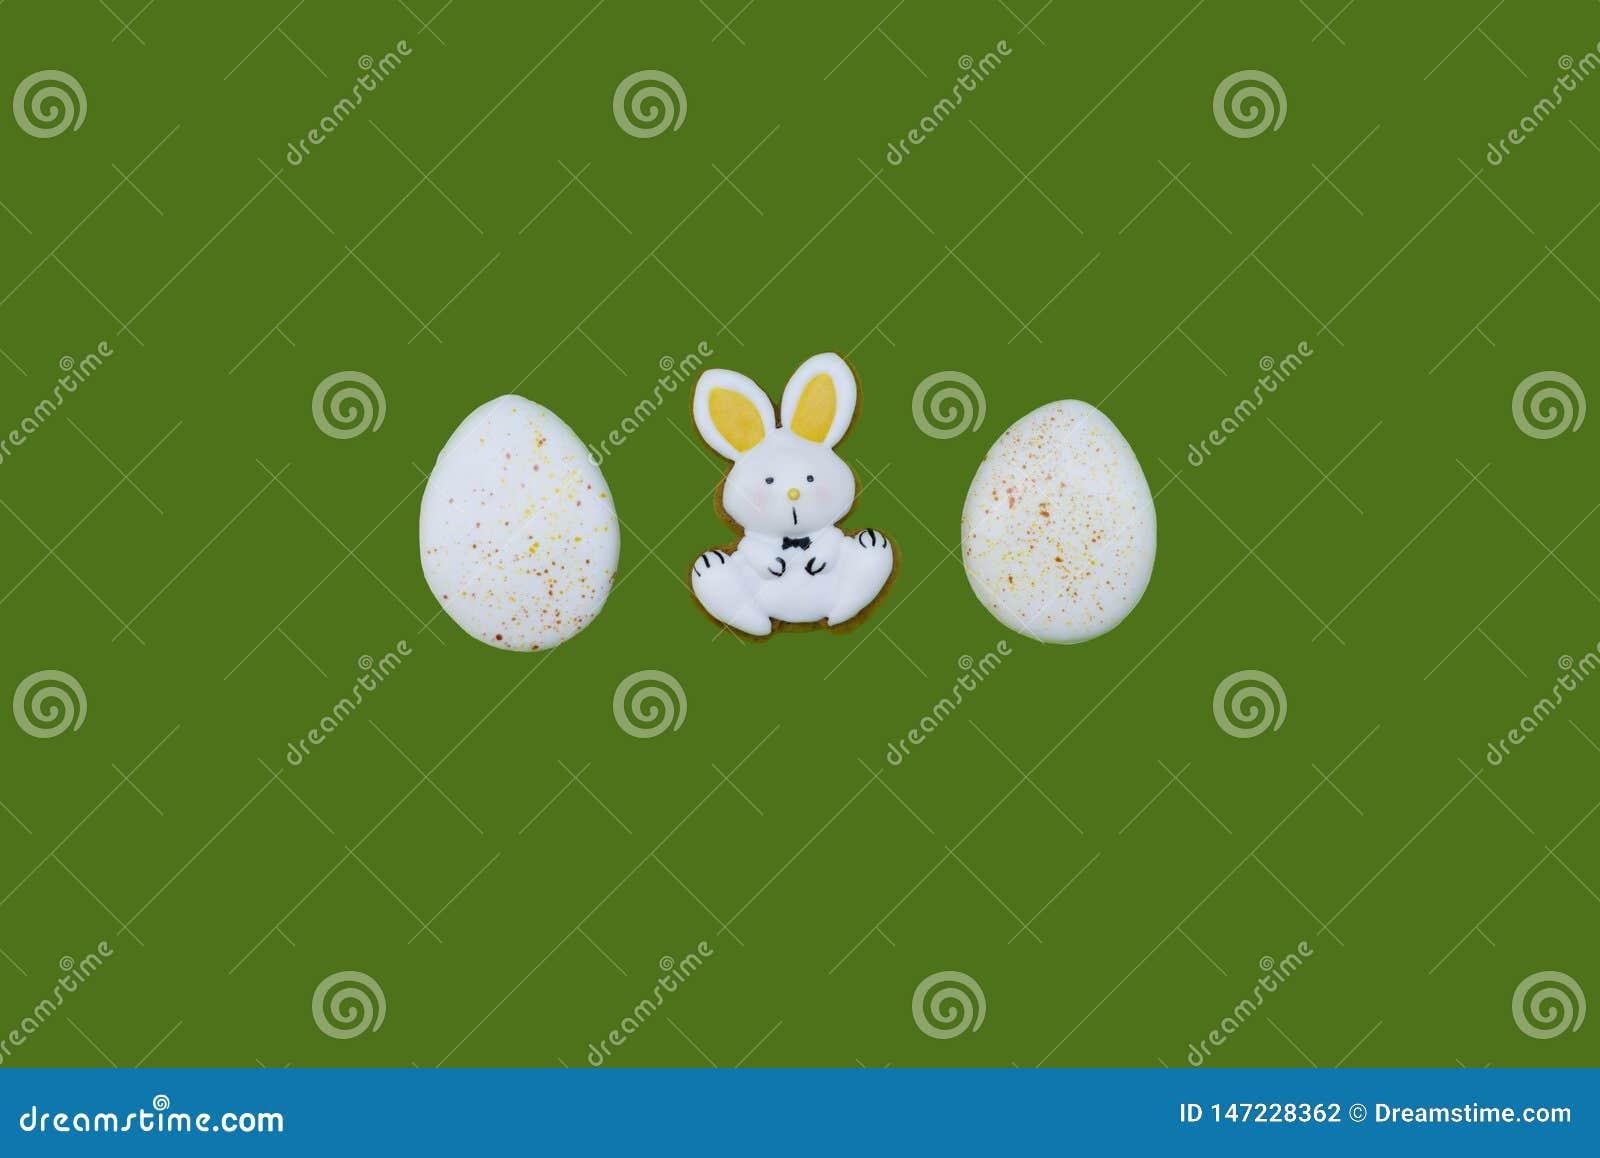 作为鸡蛋和野兔的复活节姜饼